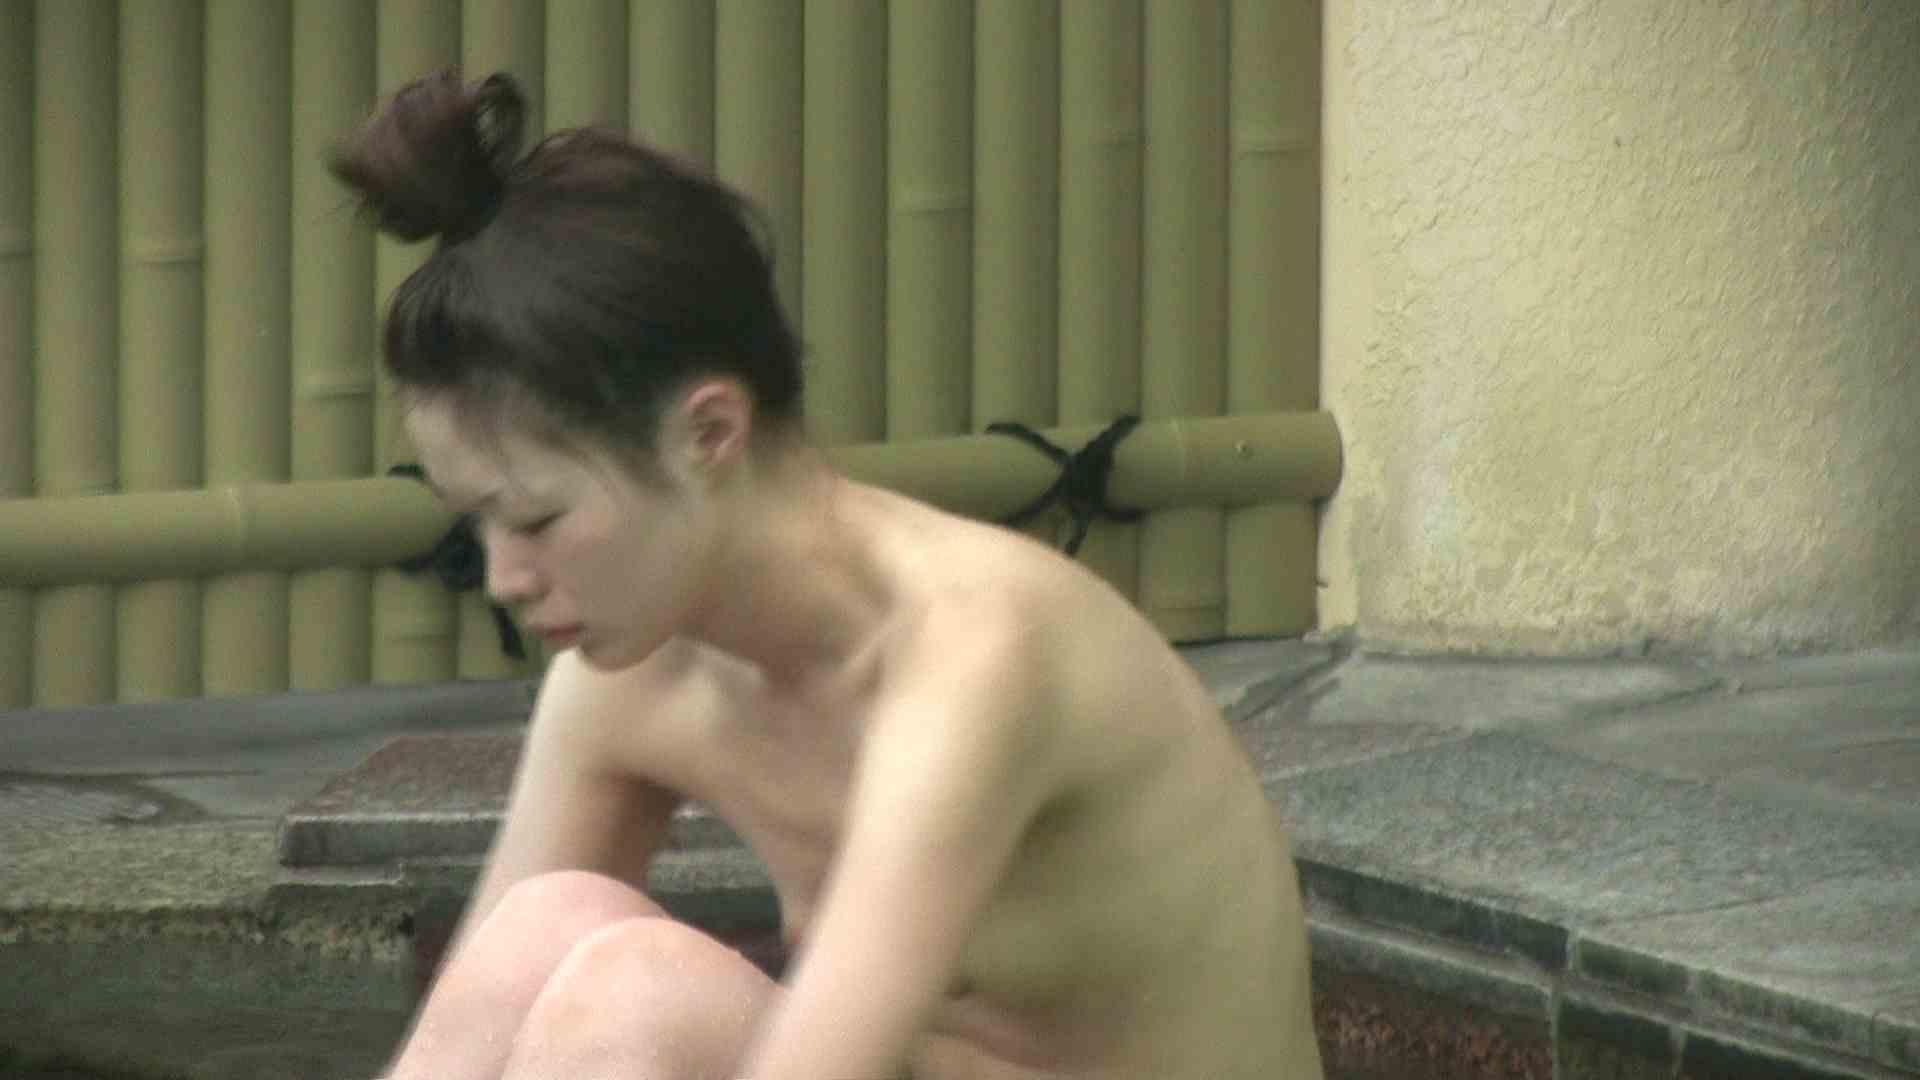 Aquaな露天風呂Vol.189 女体盗撮  80連発 27